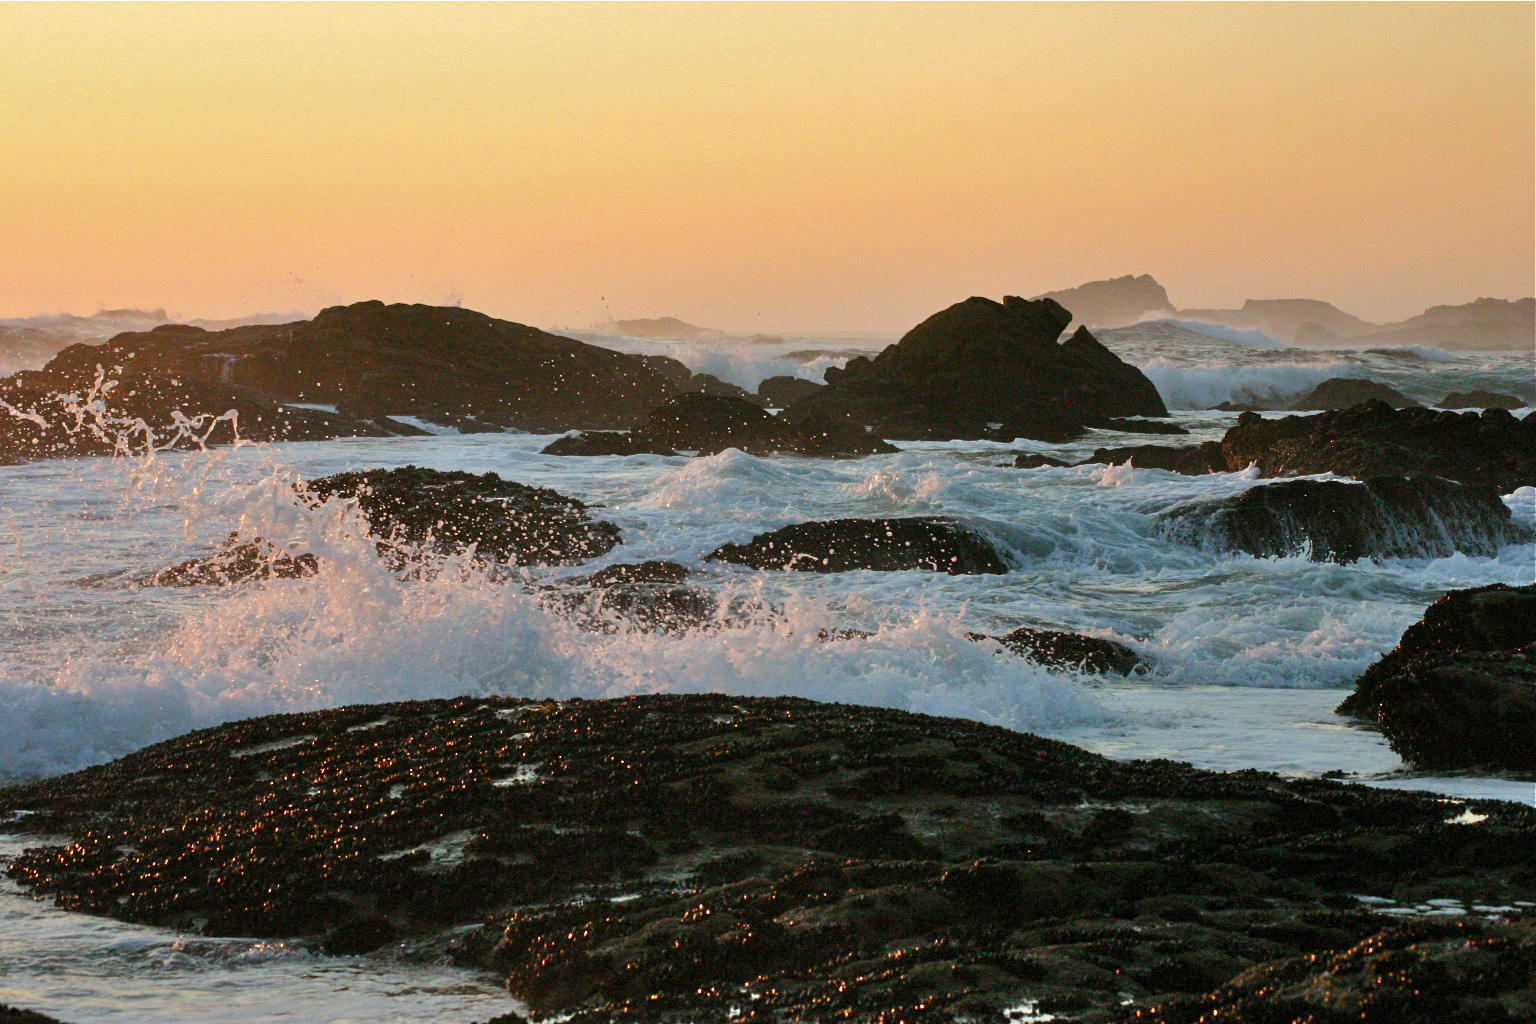 Felsenküste mit Muscheln